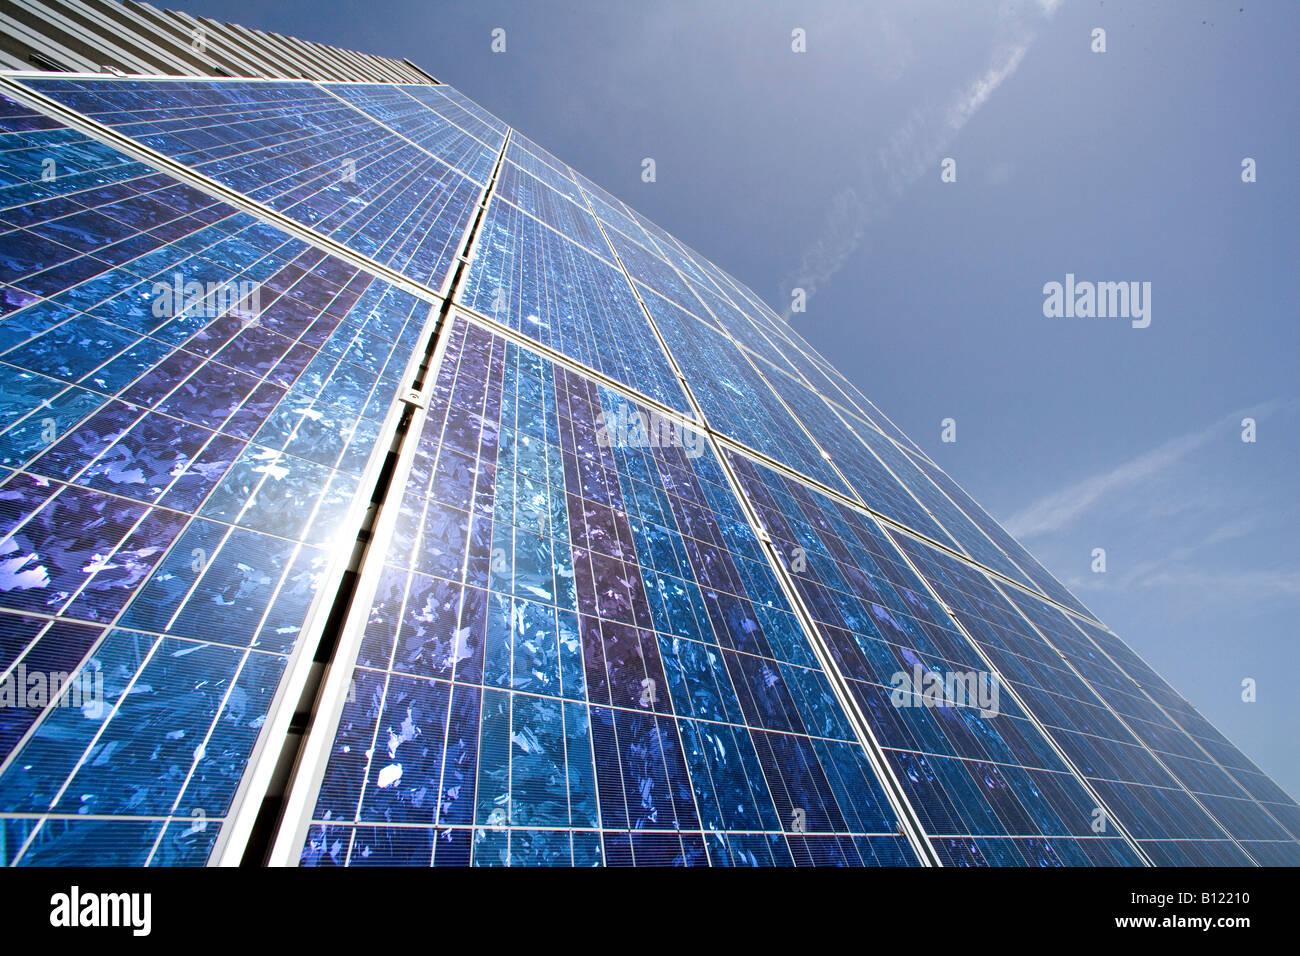 Planta de producción de paneles solares de la aleo solar AG en Prenzlau paneles solares en el exterior de la Imagen De Stock